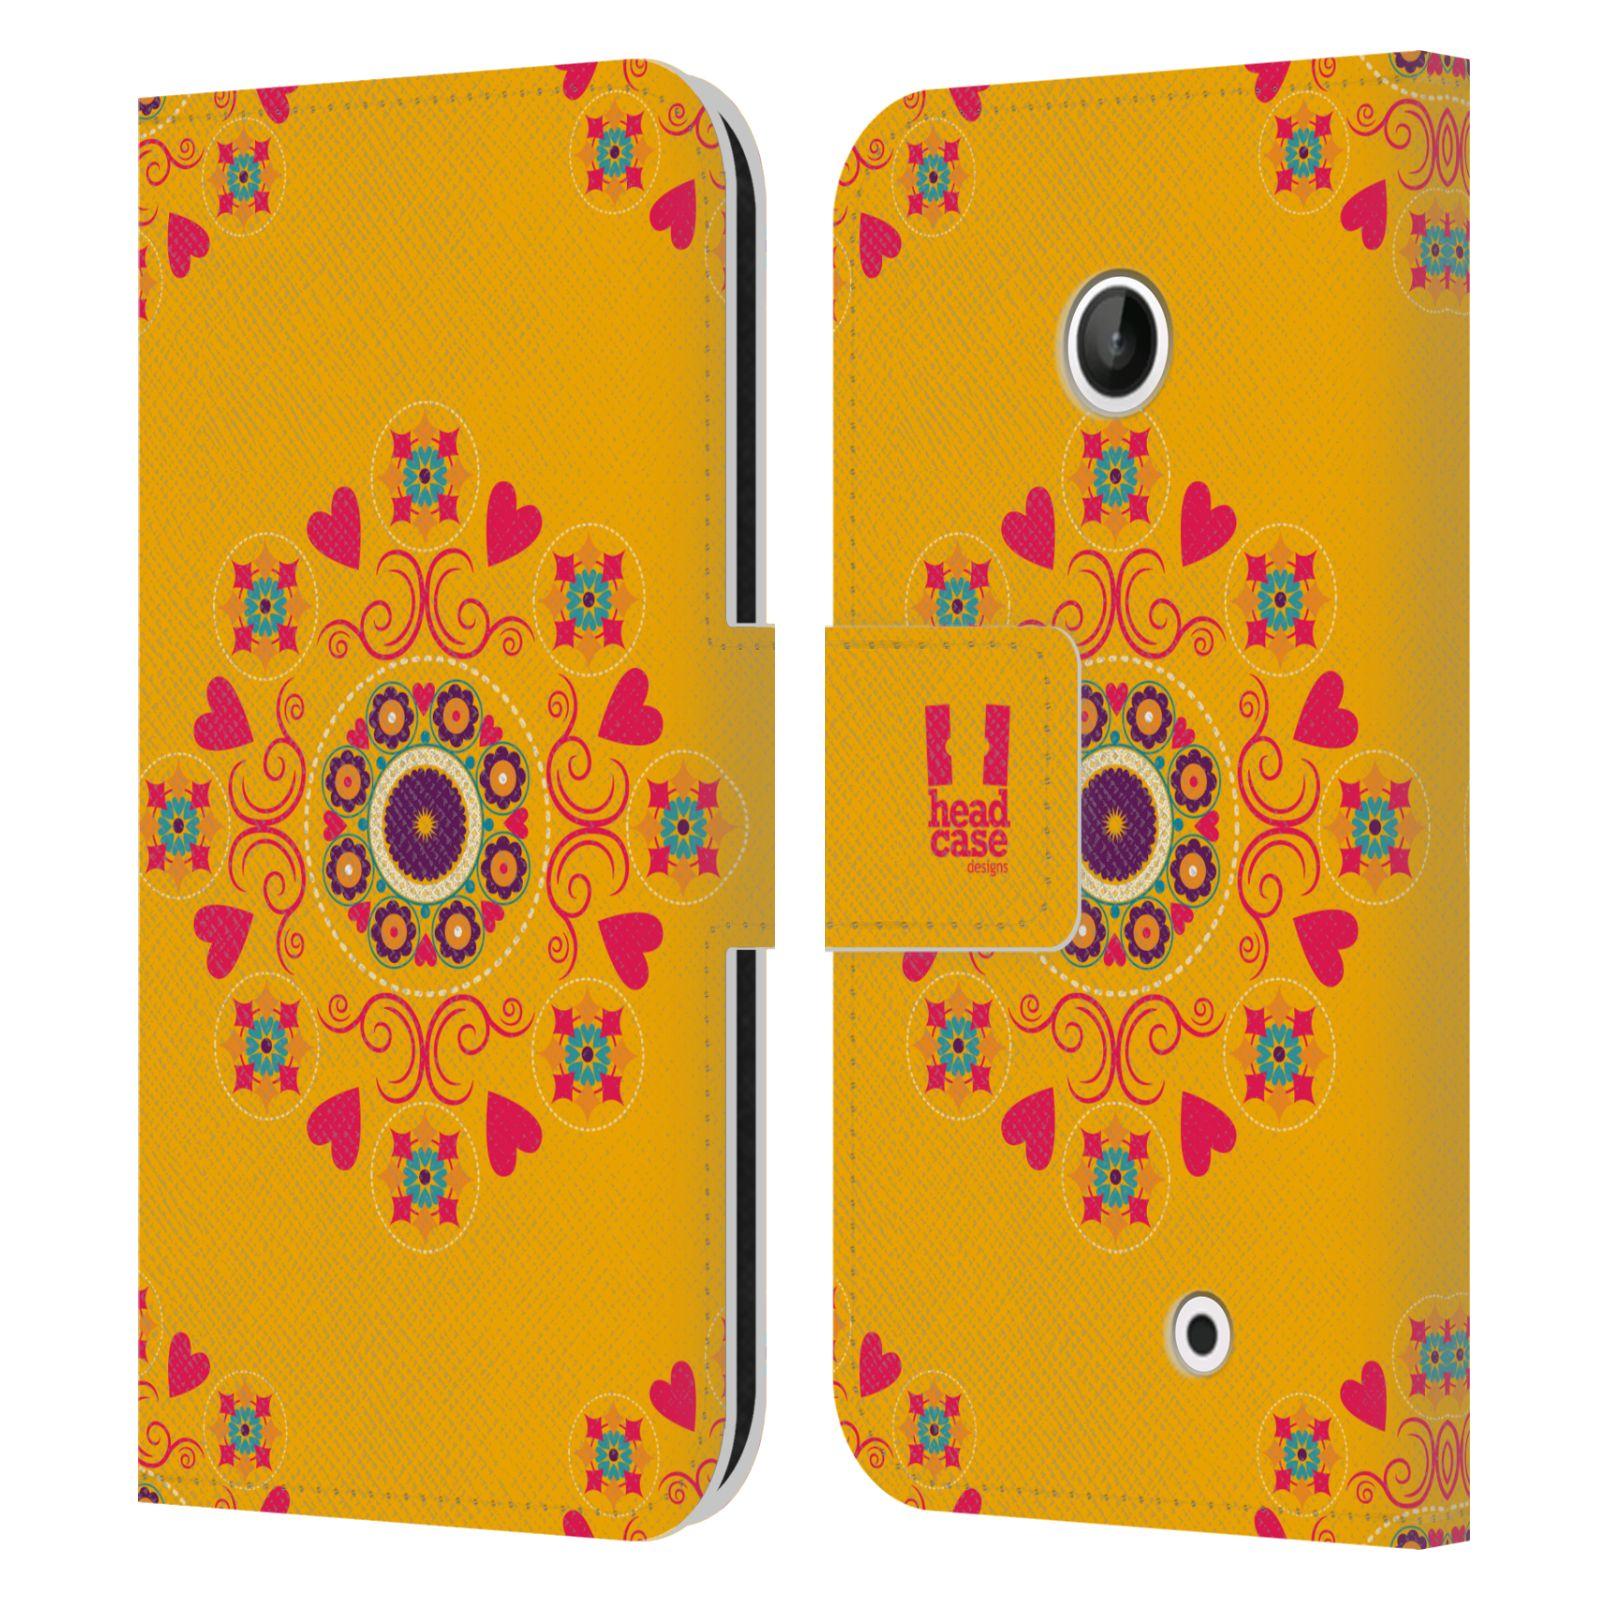 HEAD CASE Flipové pouzdro pro mobil NOKIA LUMIA 630 / LUMIA 630 DUAL Slovanský vzor květiny a srdíčka žlutá